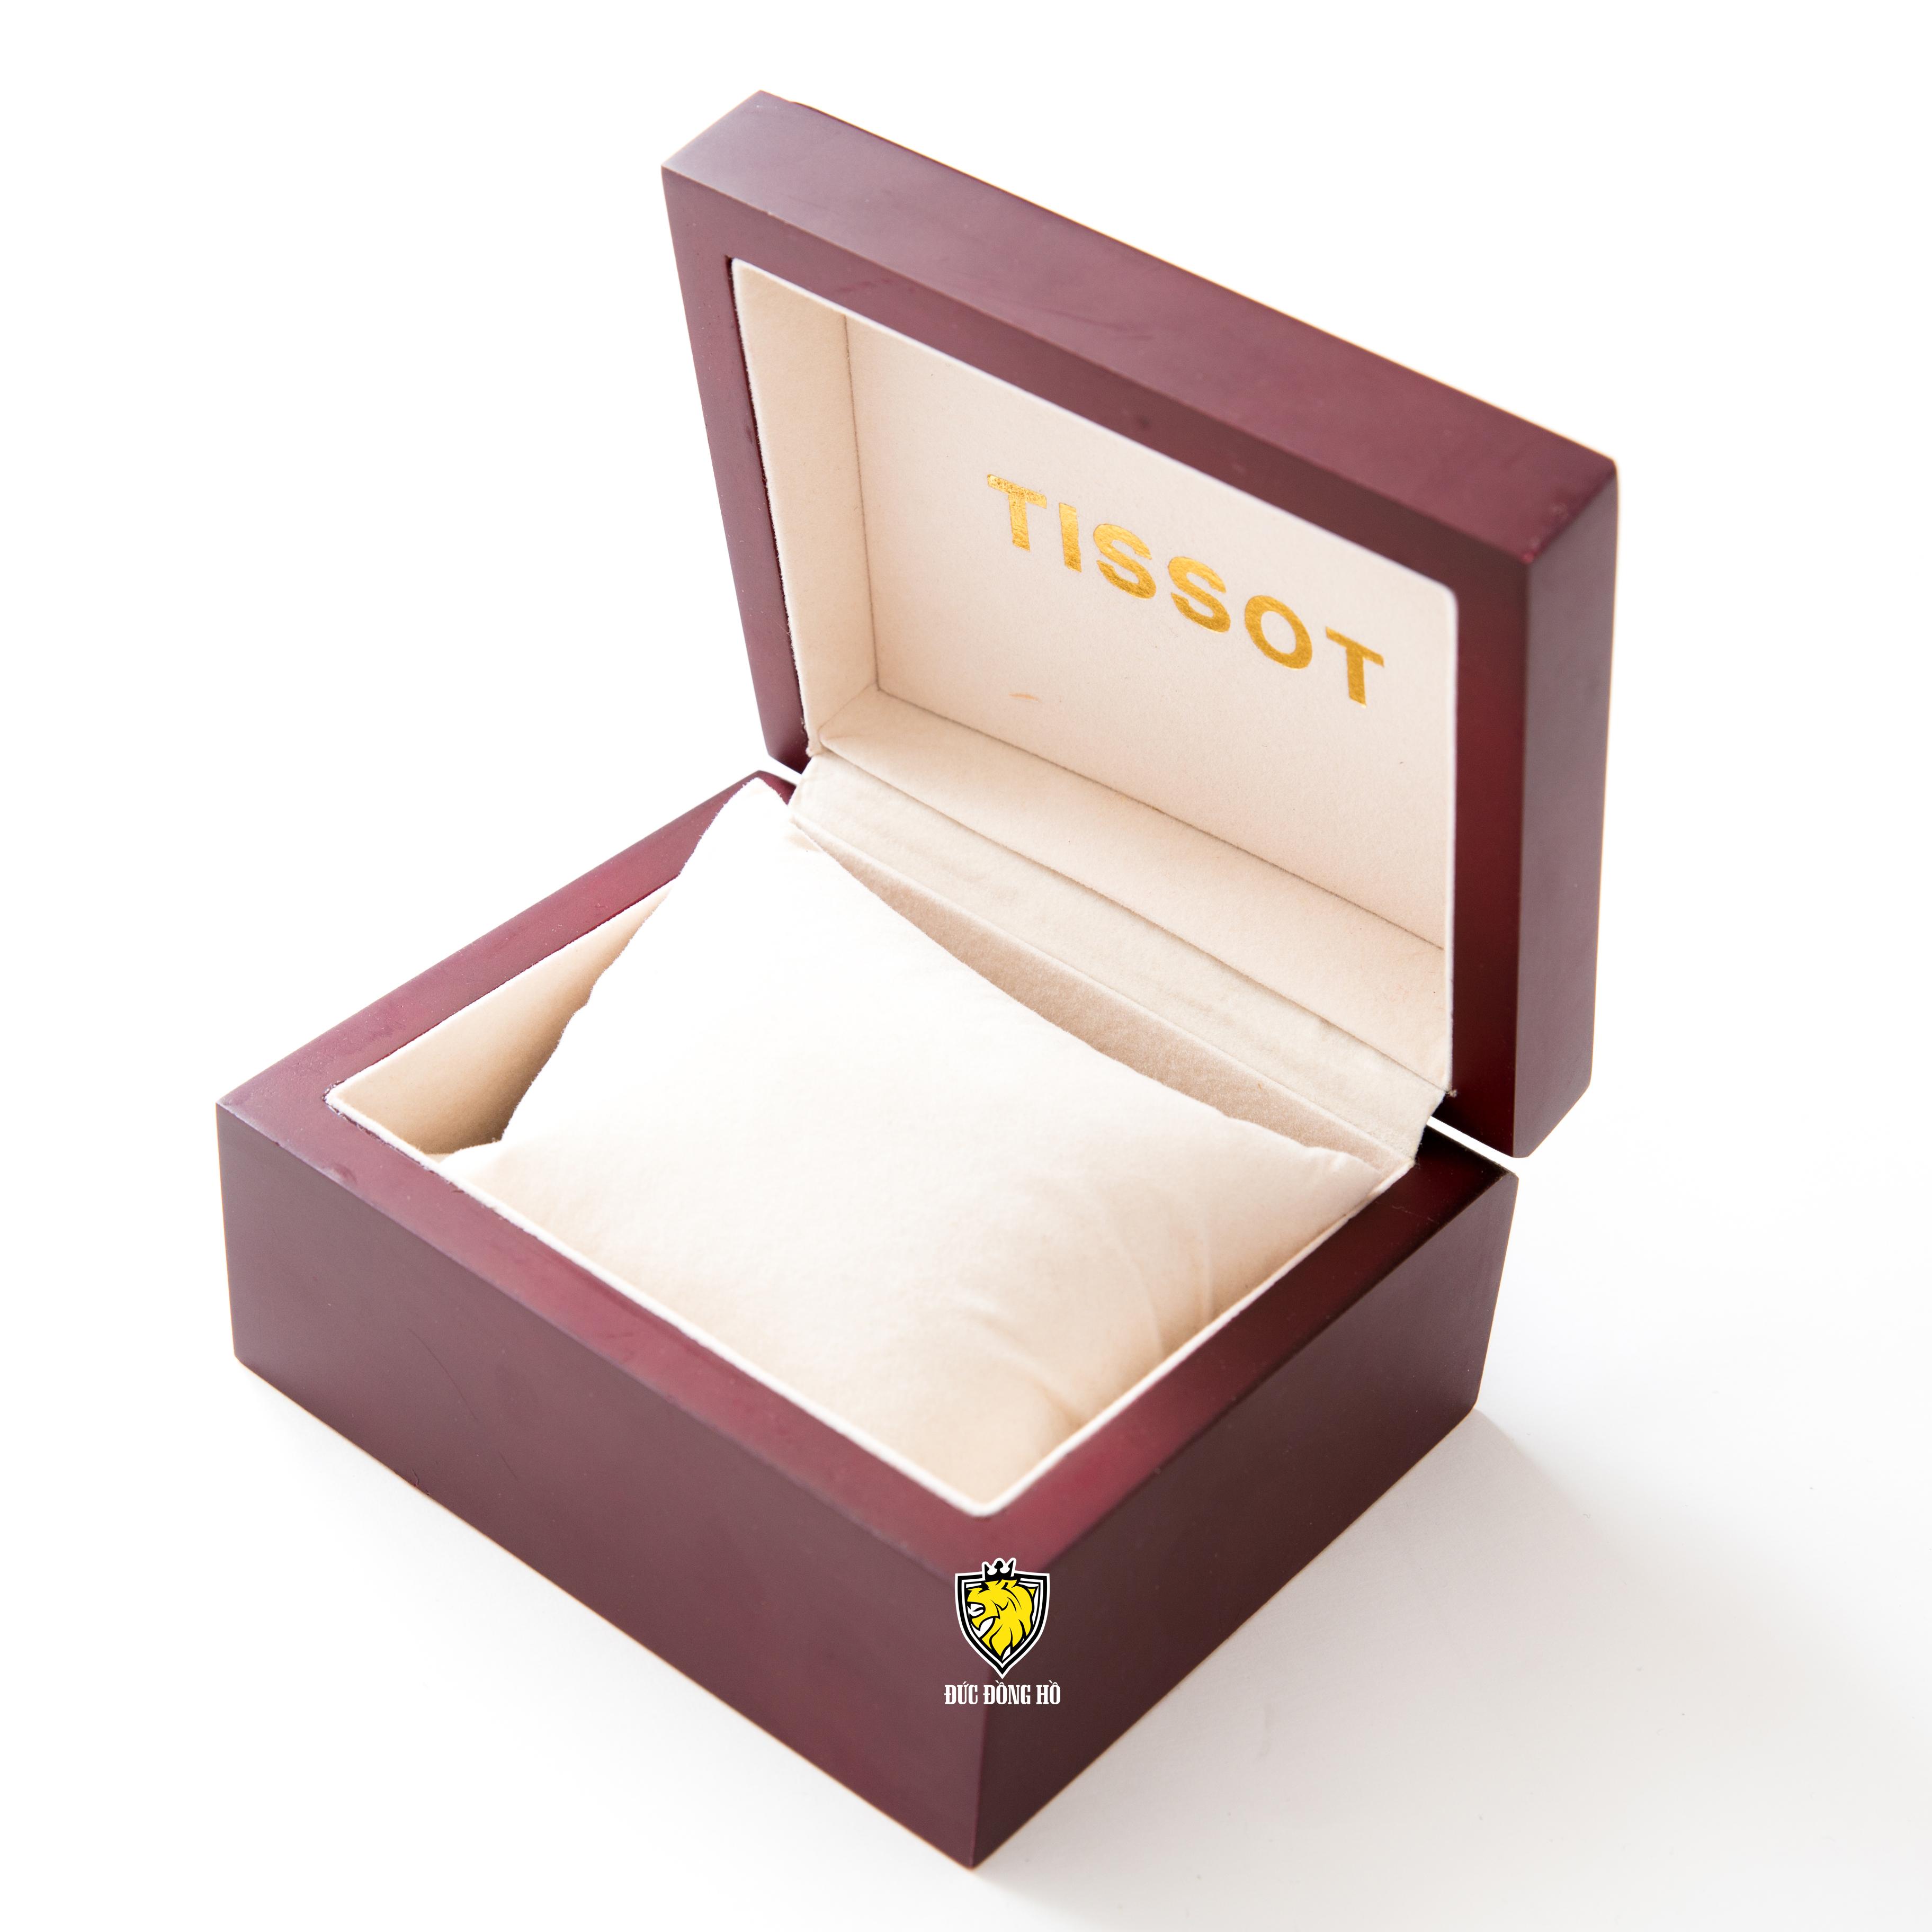 box-tissot-00001